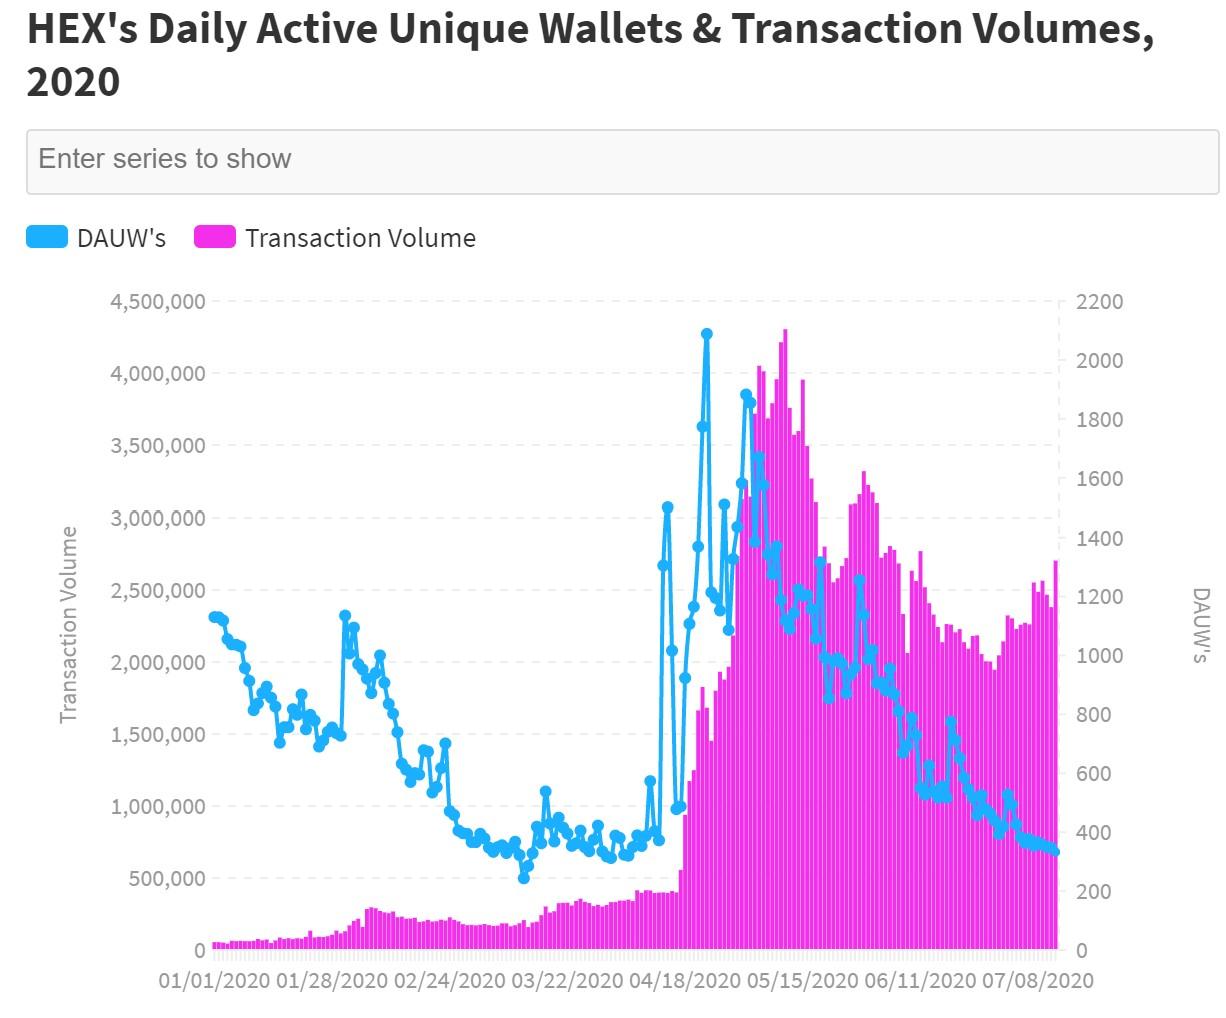 以太坊钱每日活跃钱包总量与交易量分析图